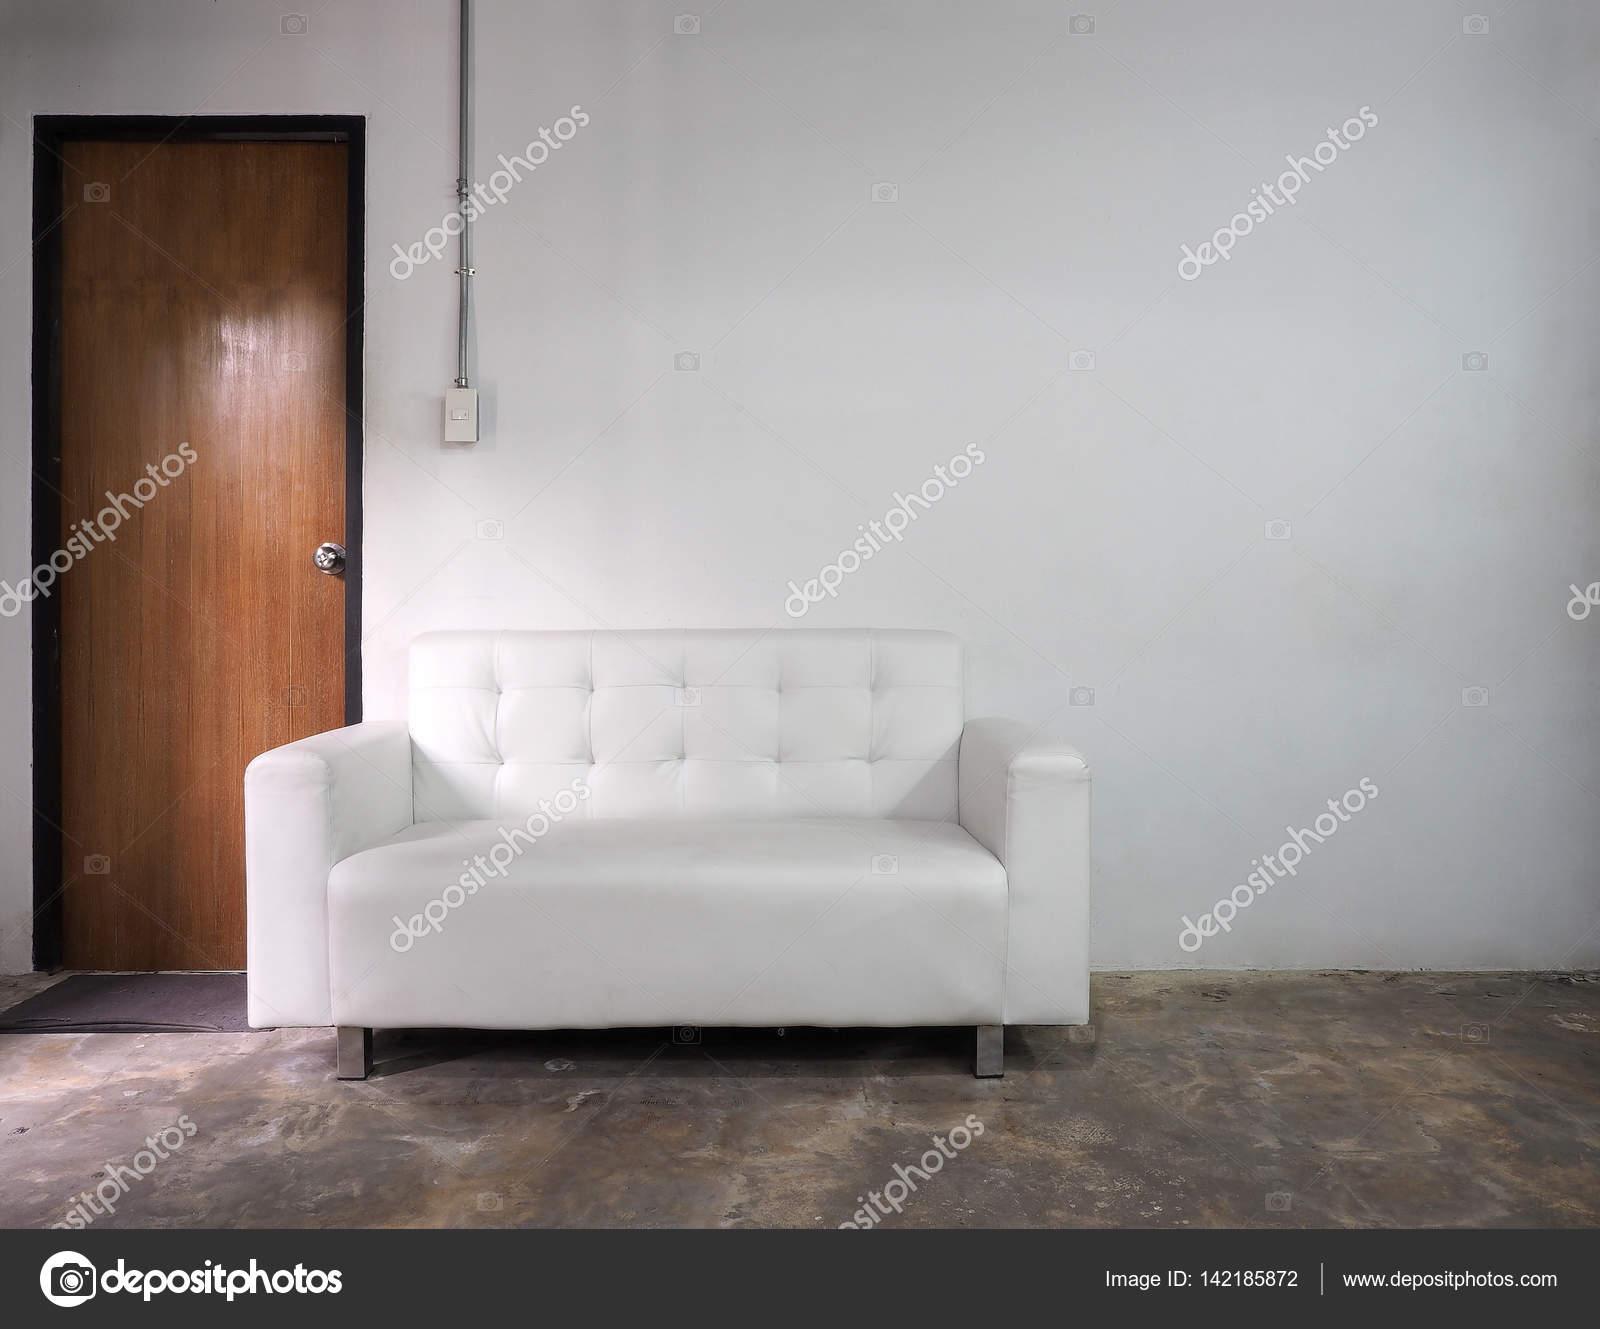 Salotto In Pelle Bianca.Dotato Di Vecchio Muro Di Bianco E Divano In Pelle Bianca Foto